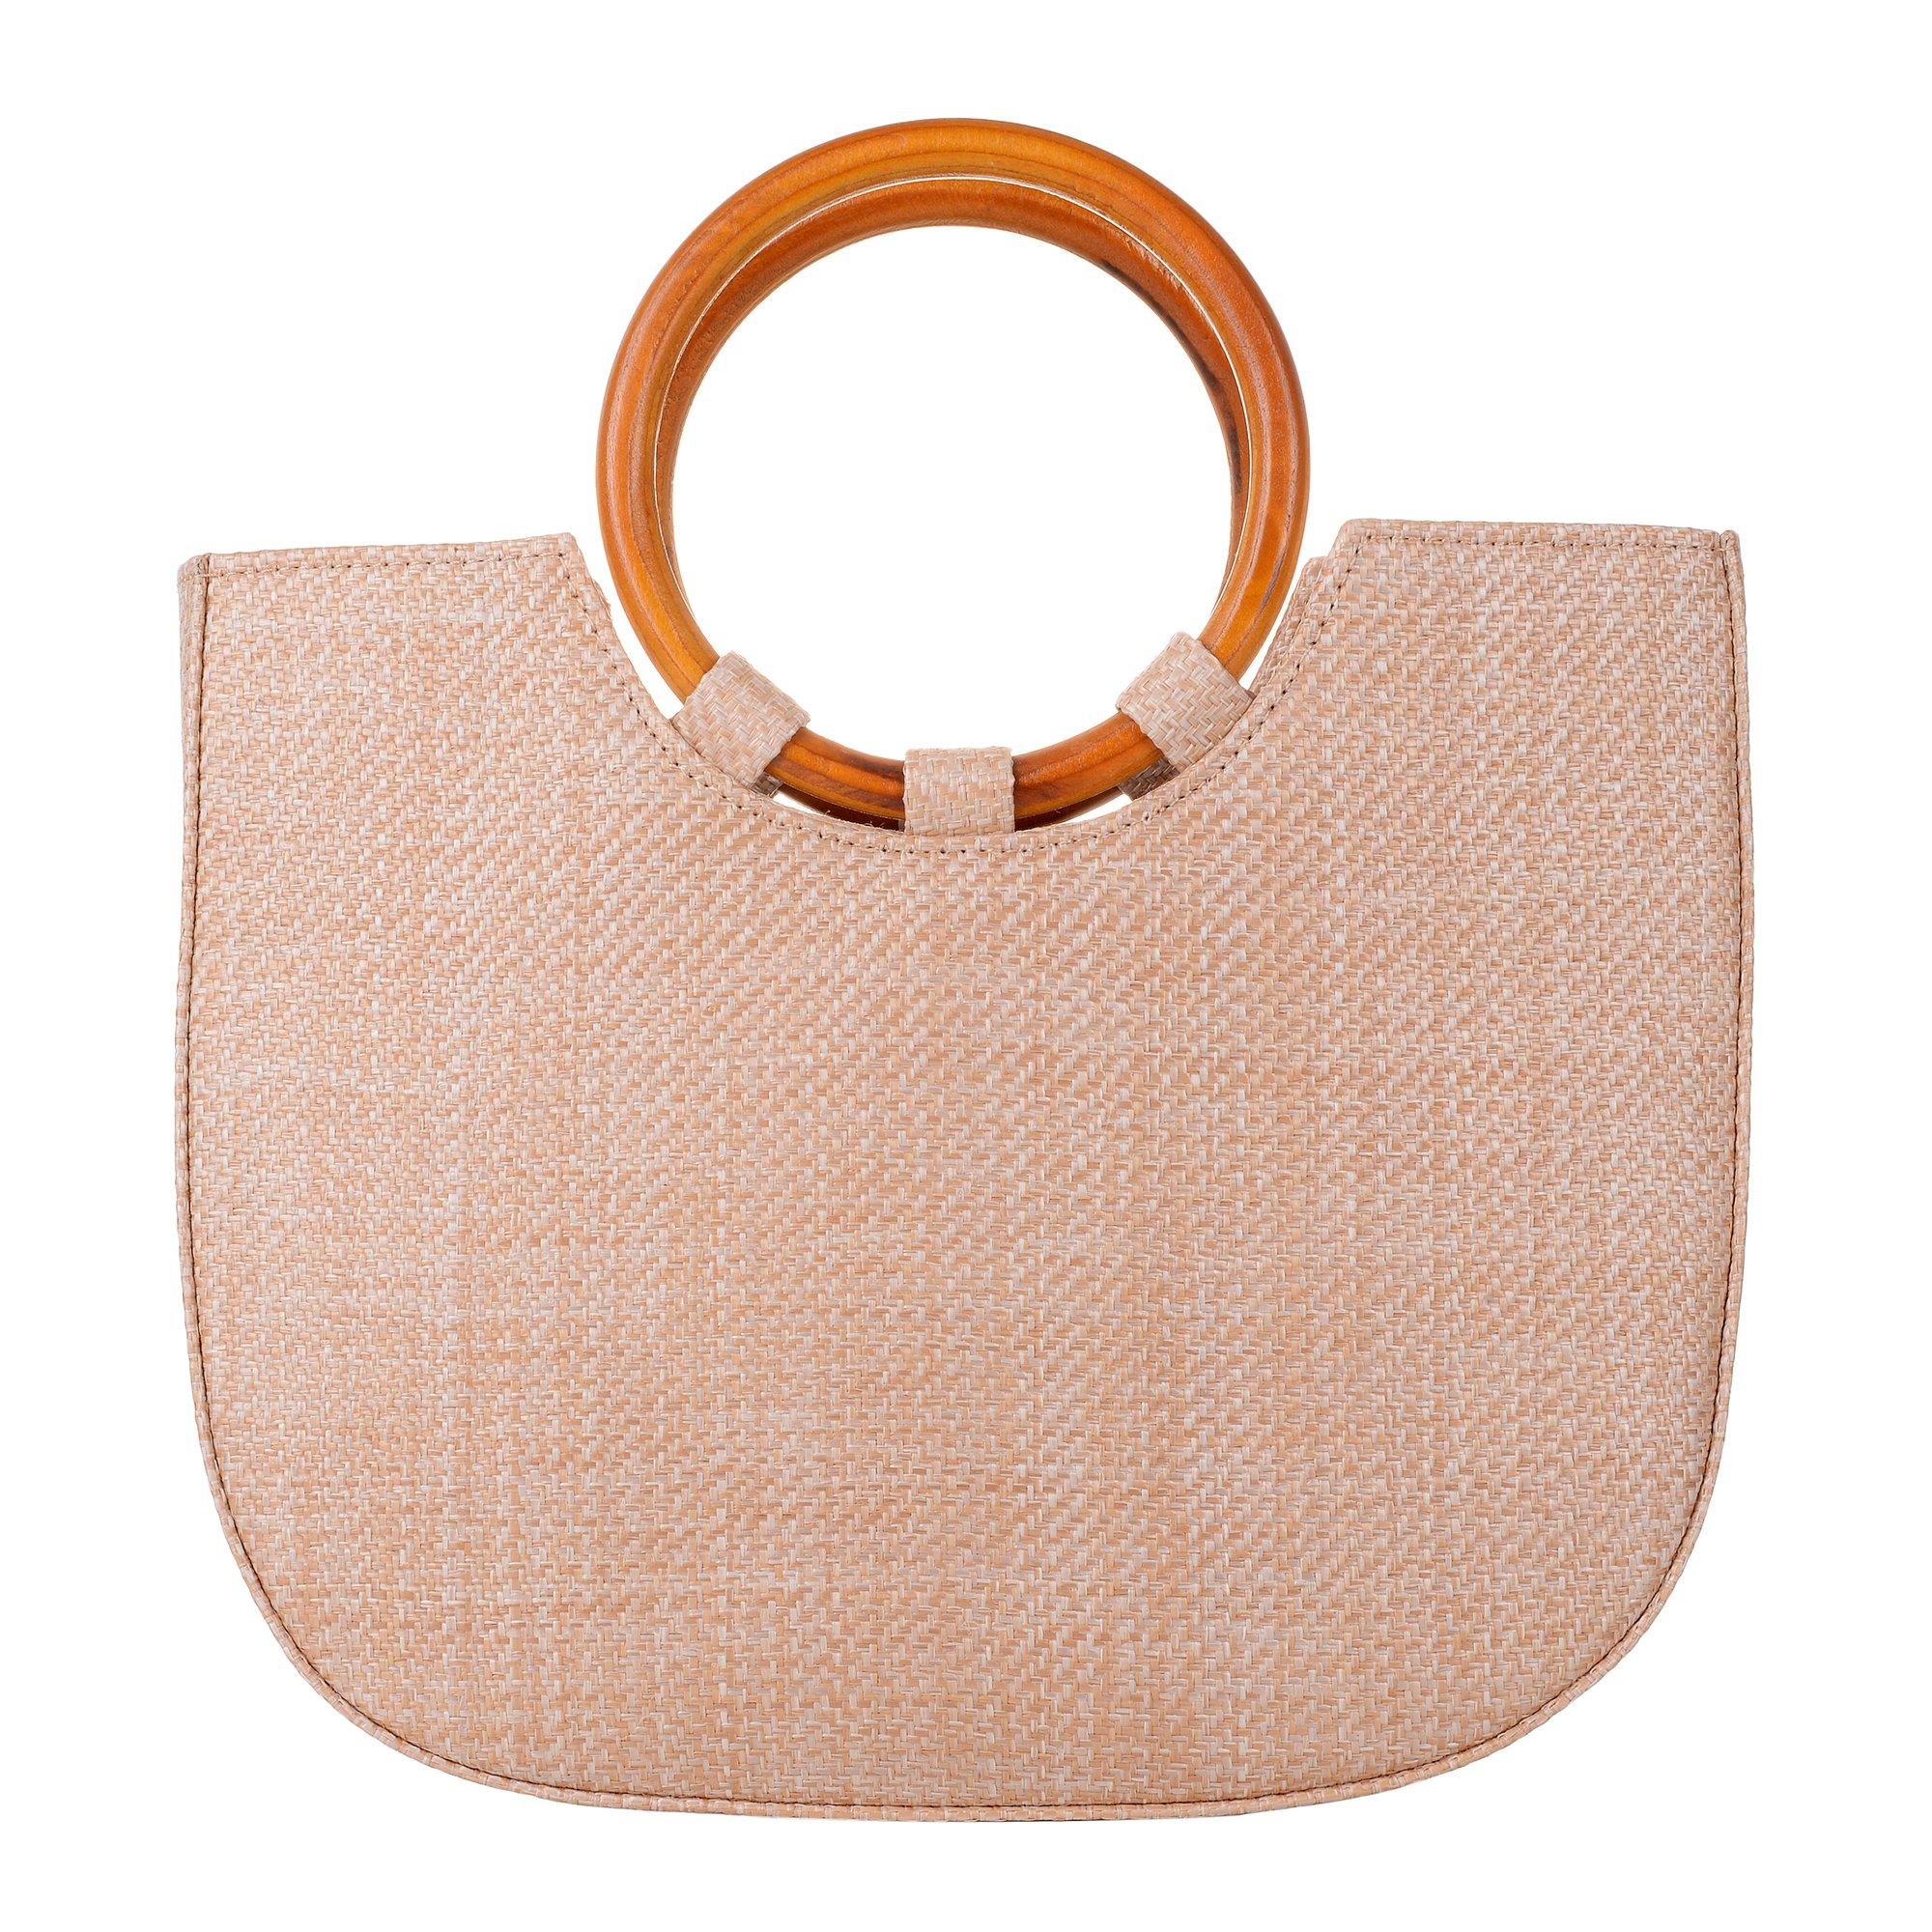 QZUnique Womens Summer Beach Straw Handbag Casual Satchel Straw Bag Top Handle Tote Shoulder Handbag